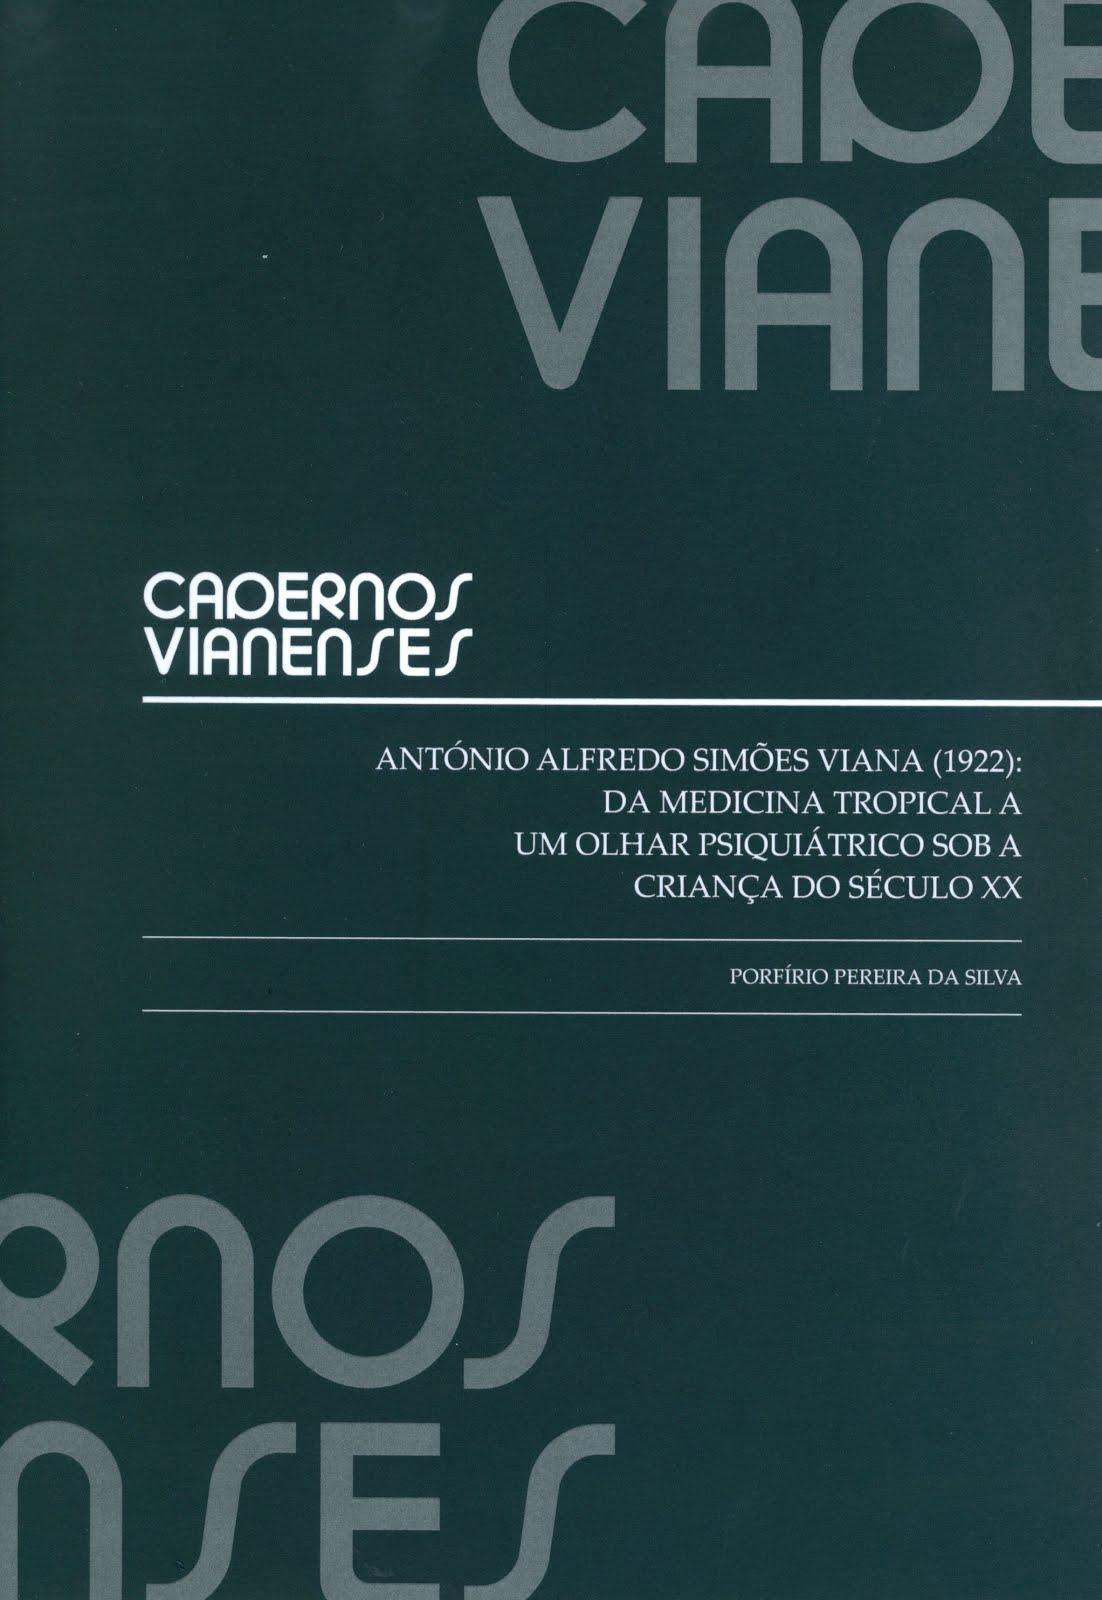 ANTÓNIO ALFREDO SIMÕES VIANA (1922): DA MEDICINA TROPICAL A UM OLHAR PSIQUIÁTRICO SOB A CRIANÇA